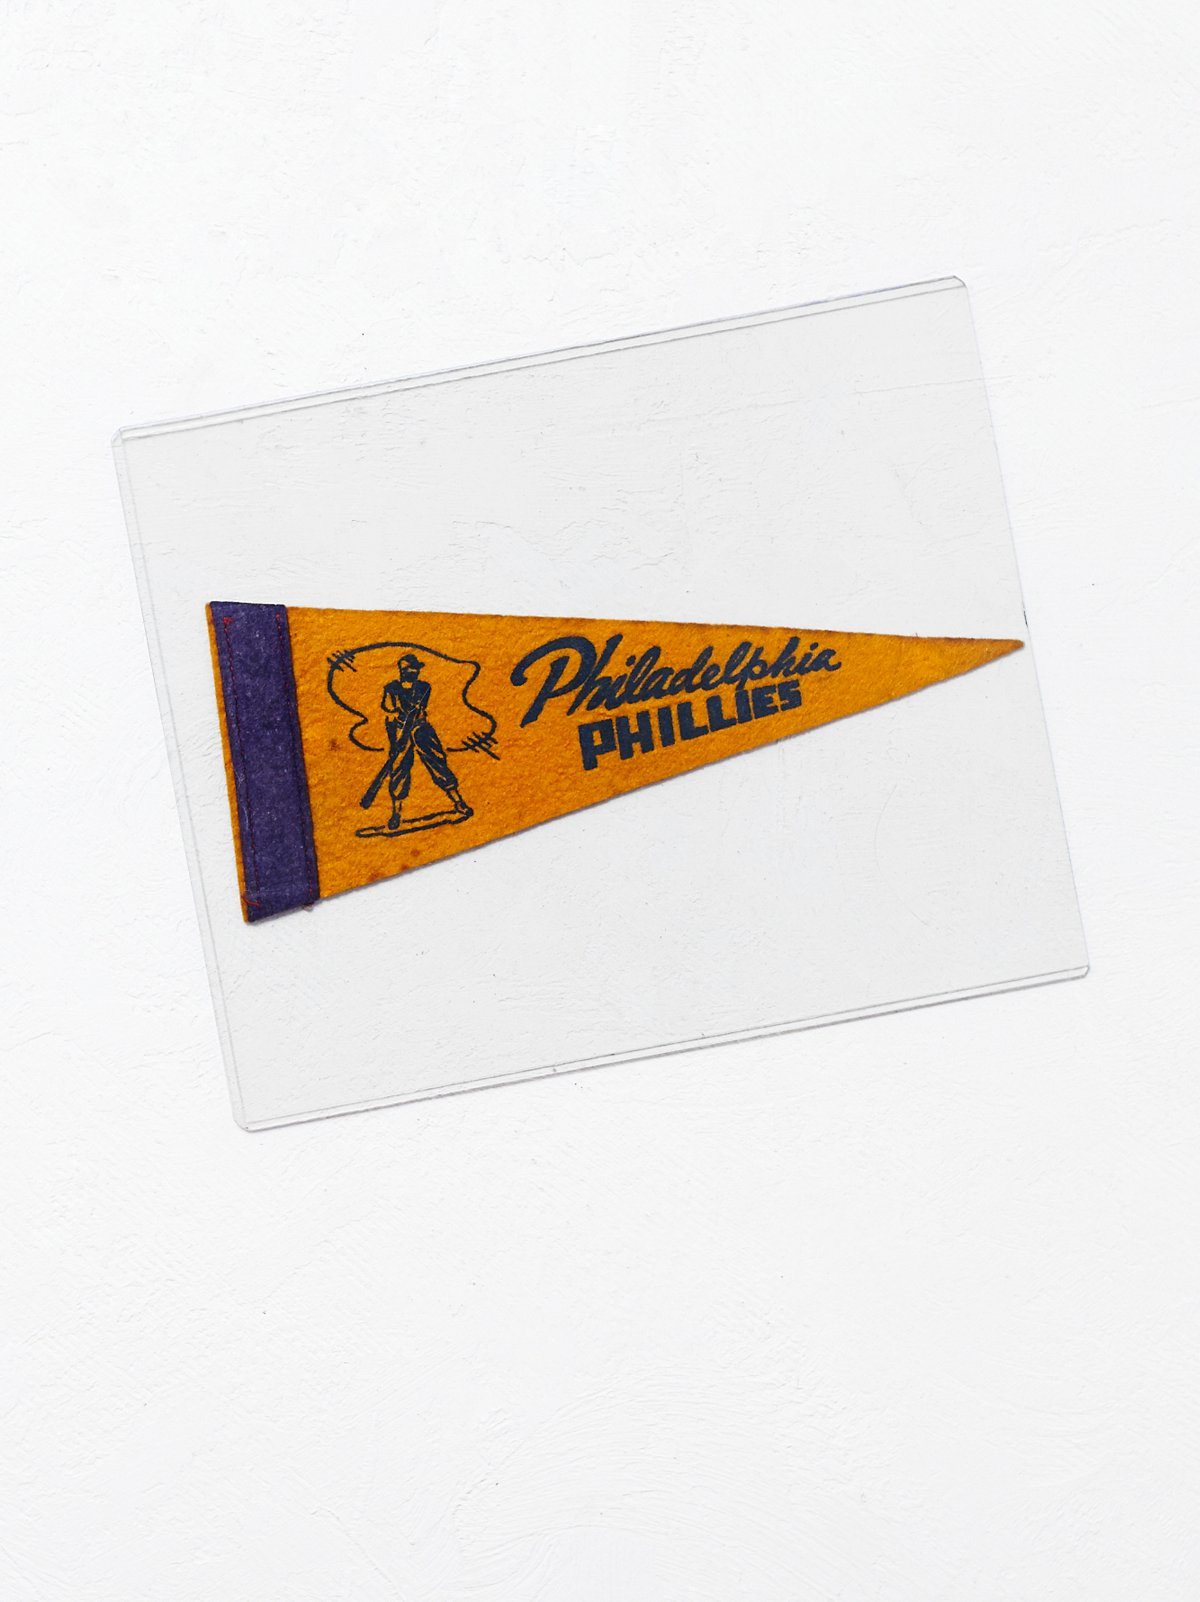 Vintage 1940s Phillies Pendant